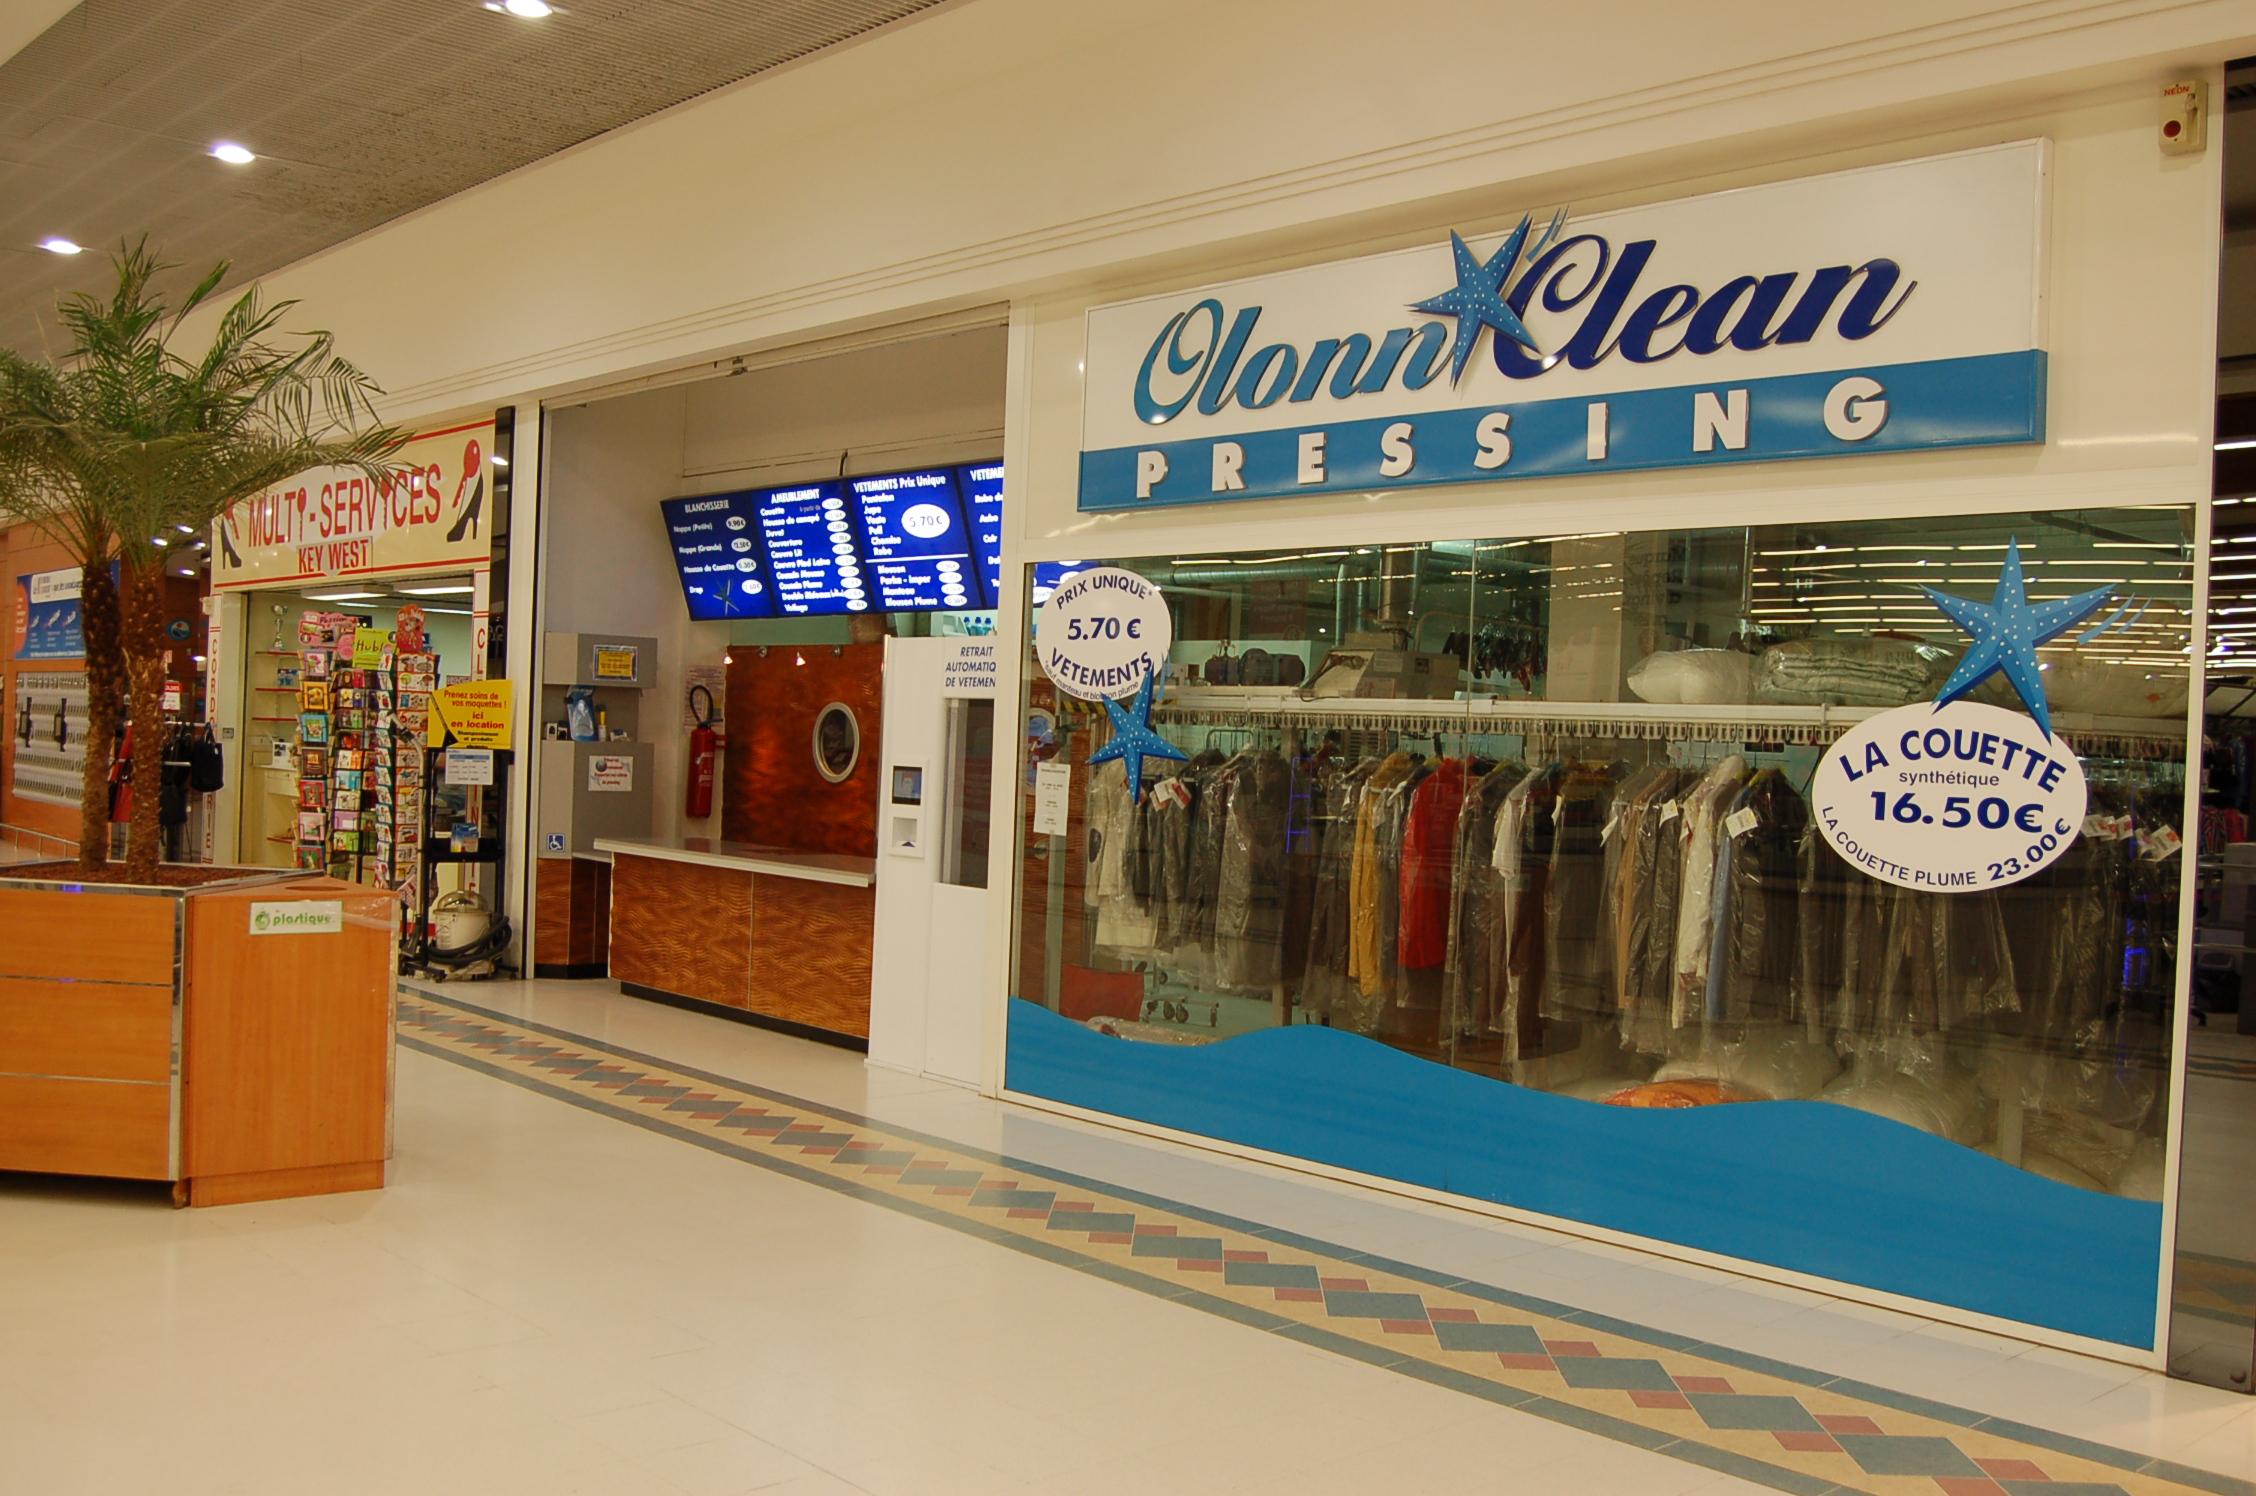 Le pressing Olonn Clean